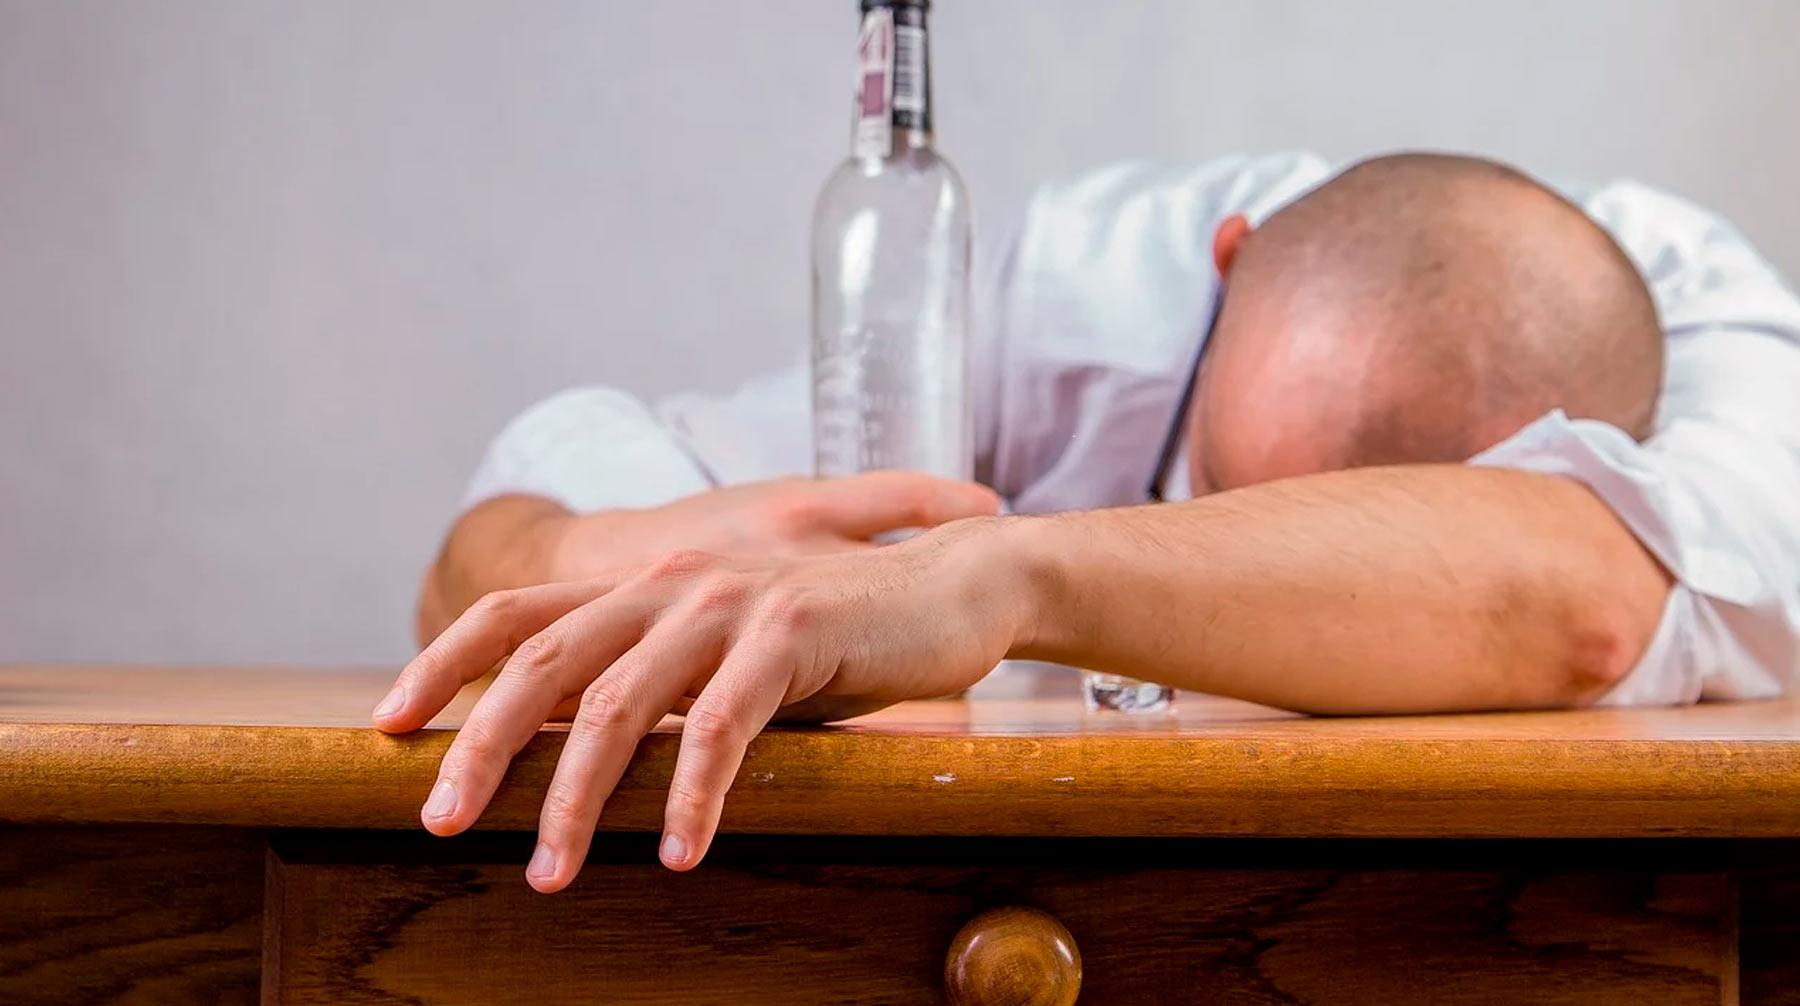 Нарколог алкоголизм абстинентный синдром при наркозависимости симптомы